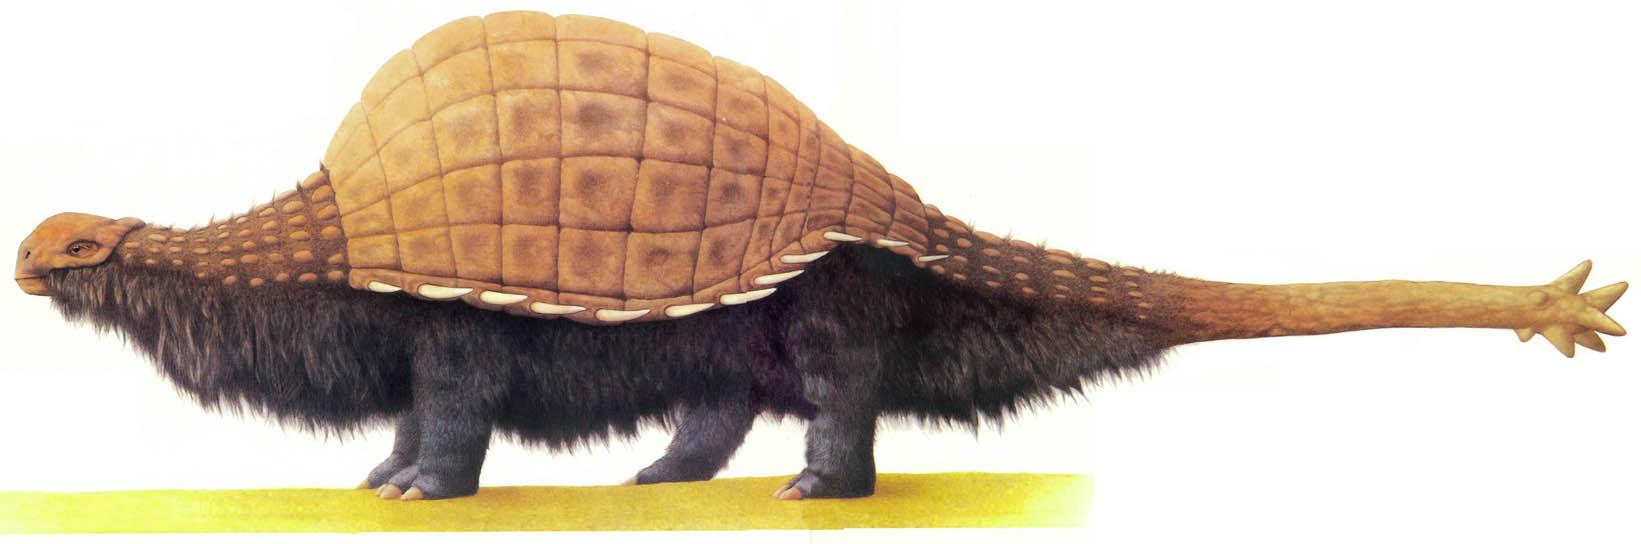 Atercurisaurus Taranter